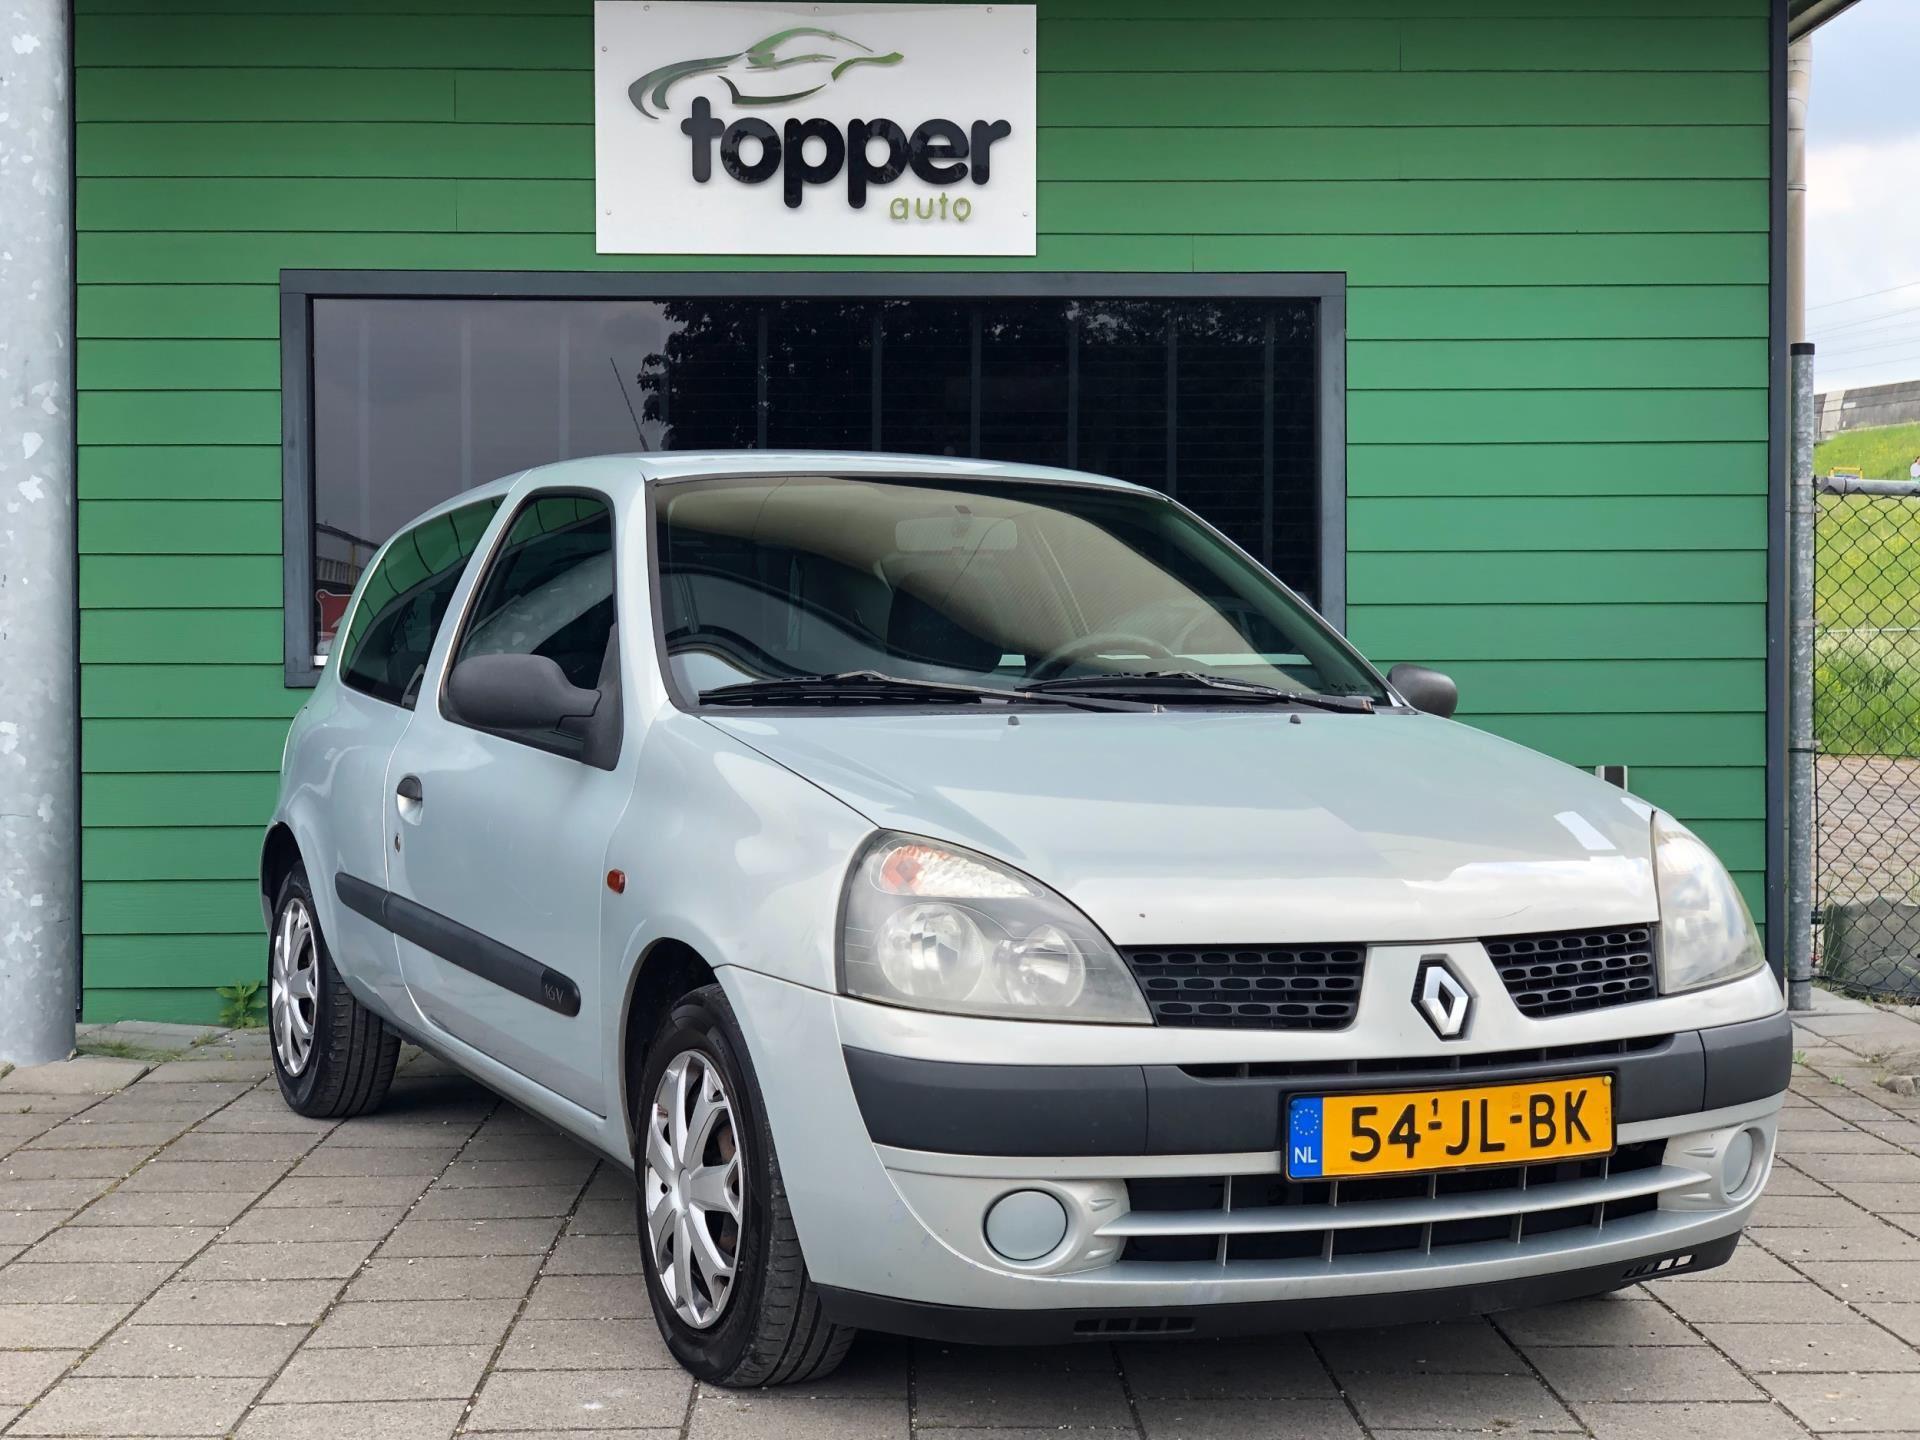 Renault Clio occasion - Topper Auto